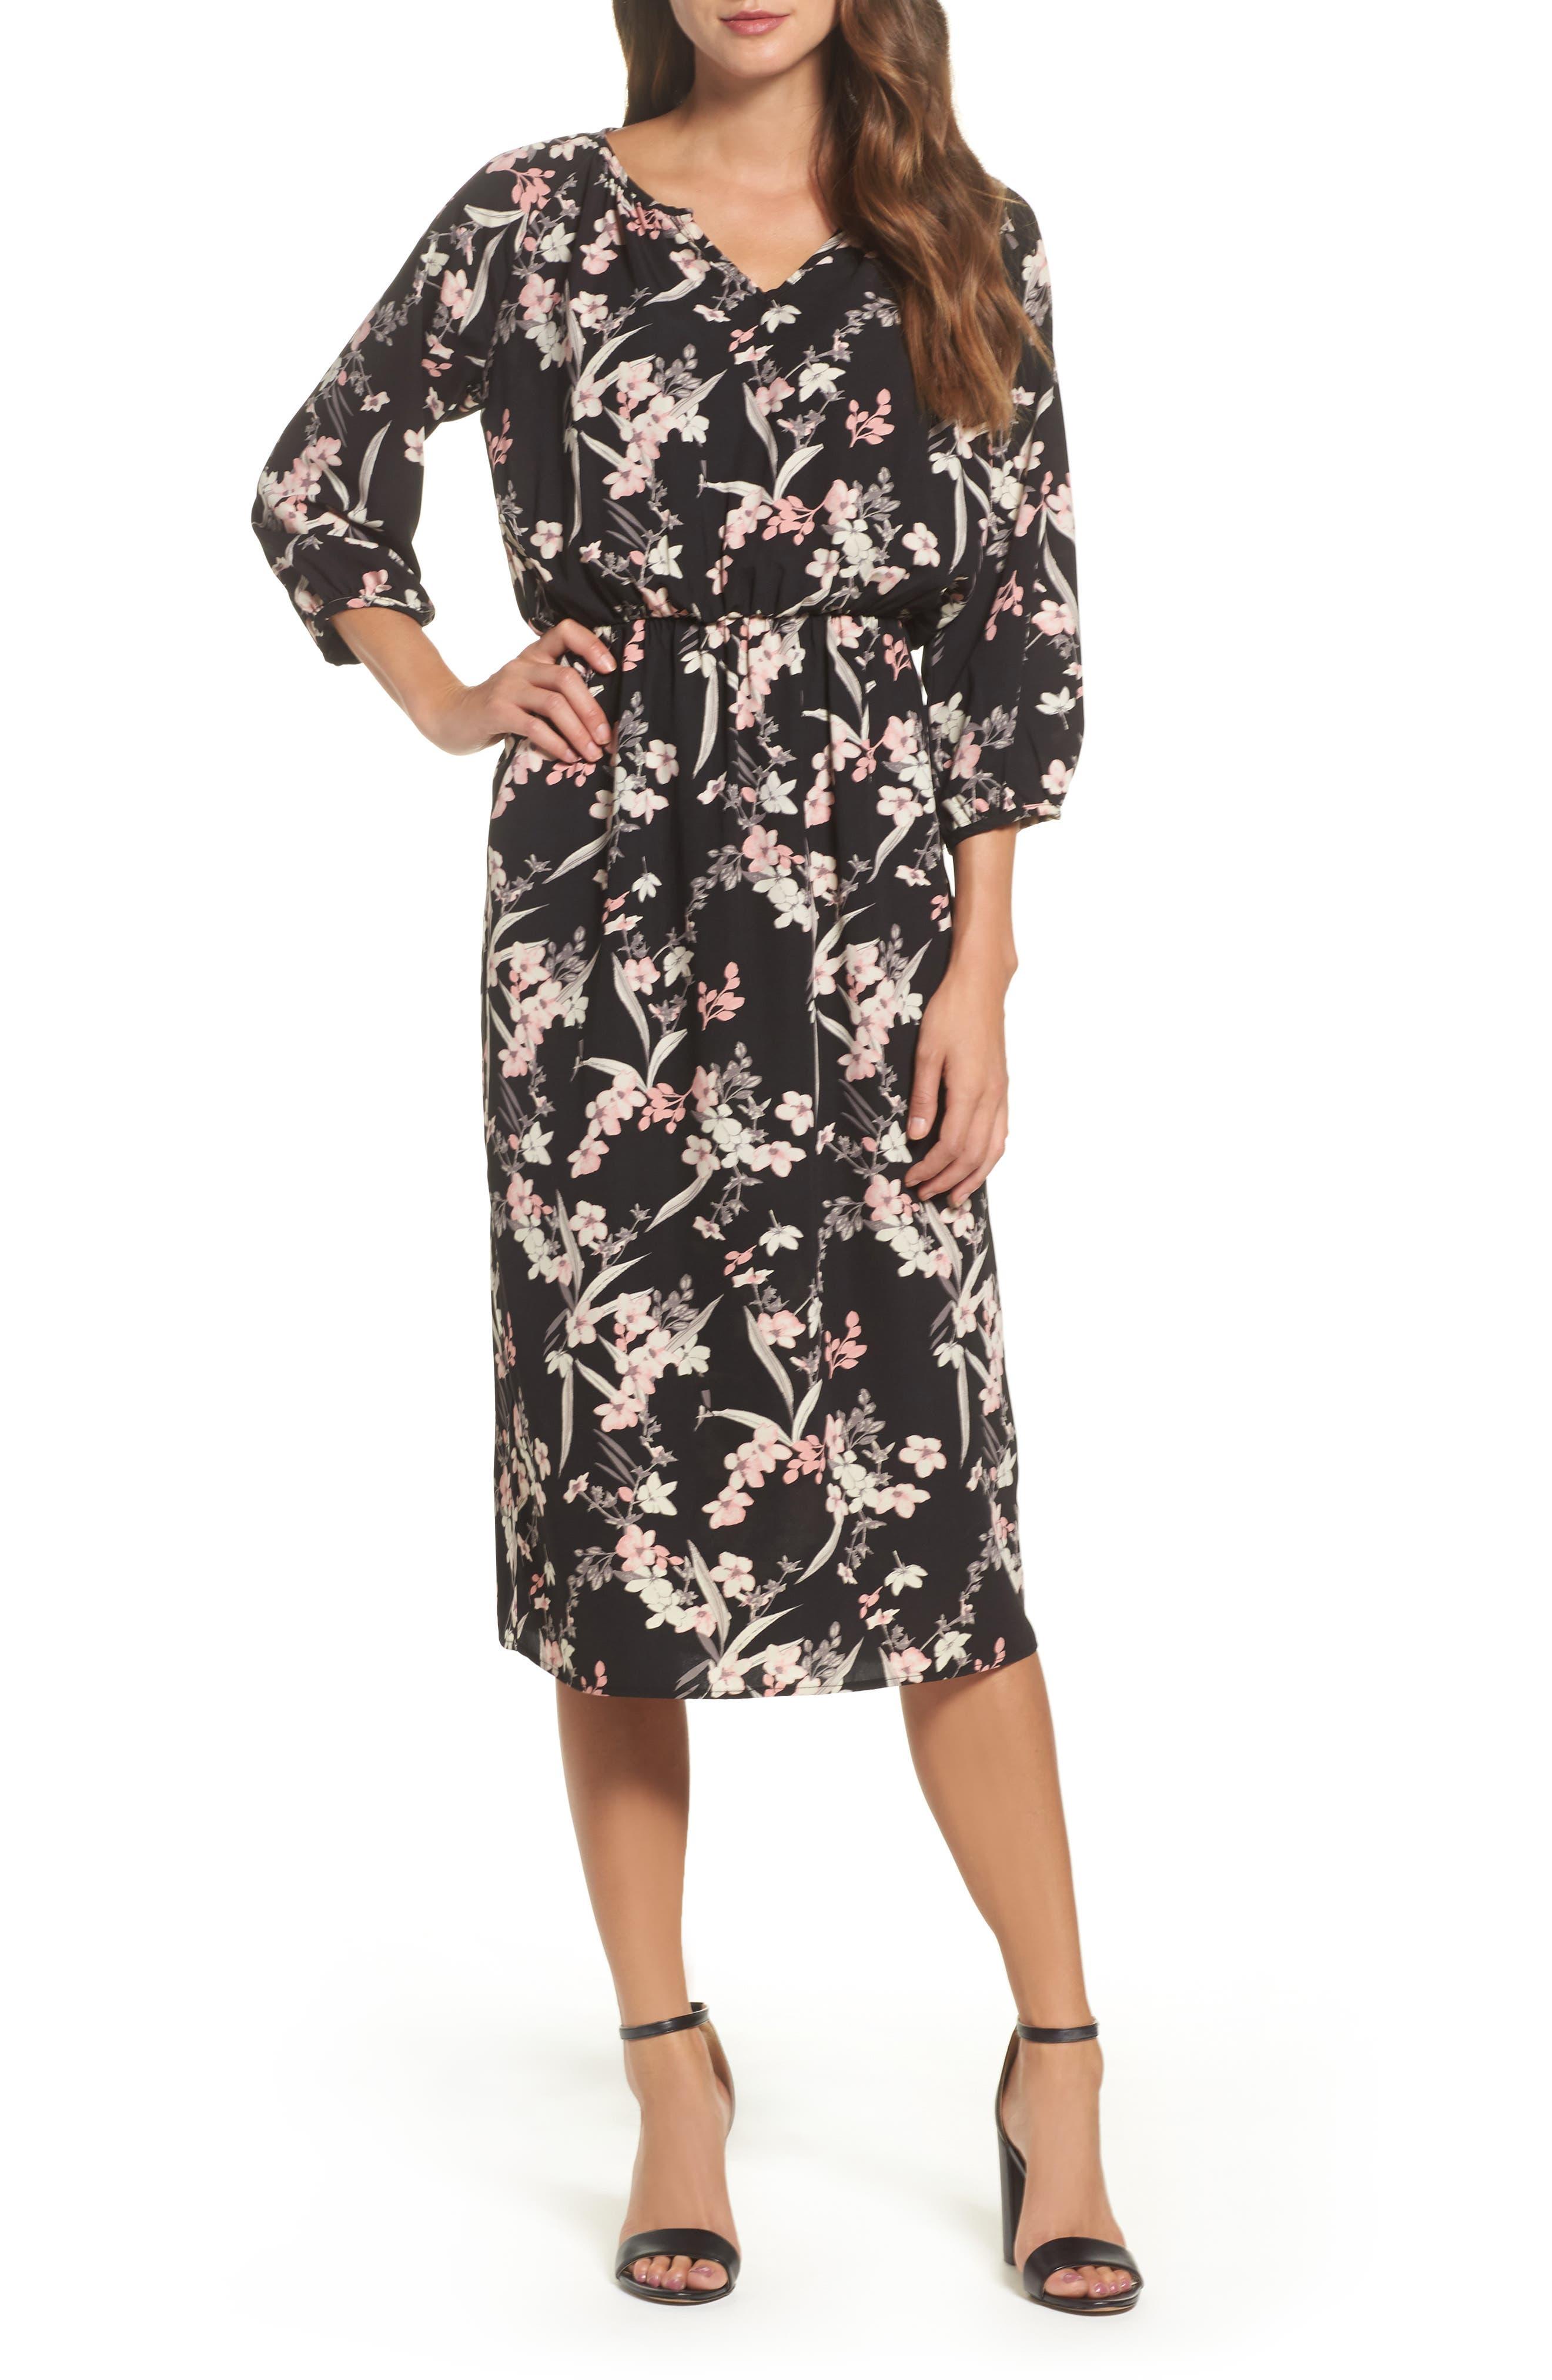 Blouson Midi Dress by Fraiche By J